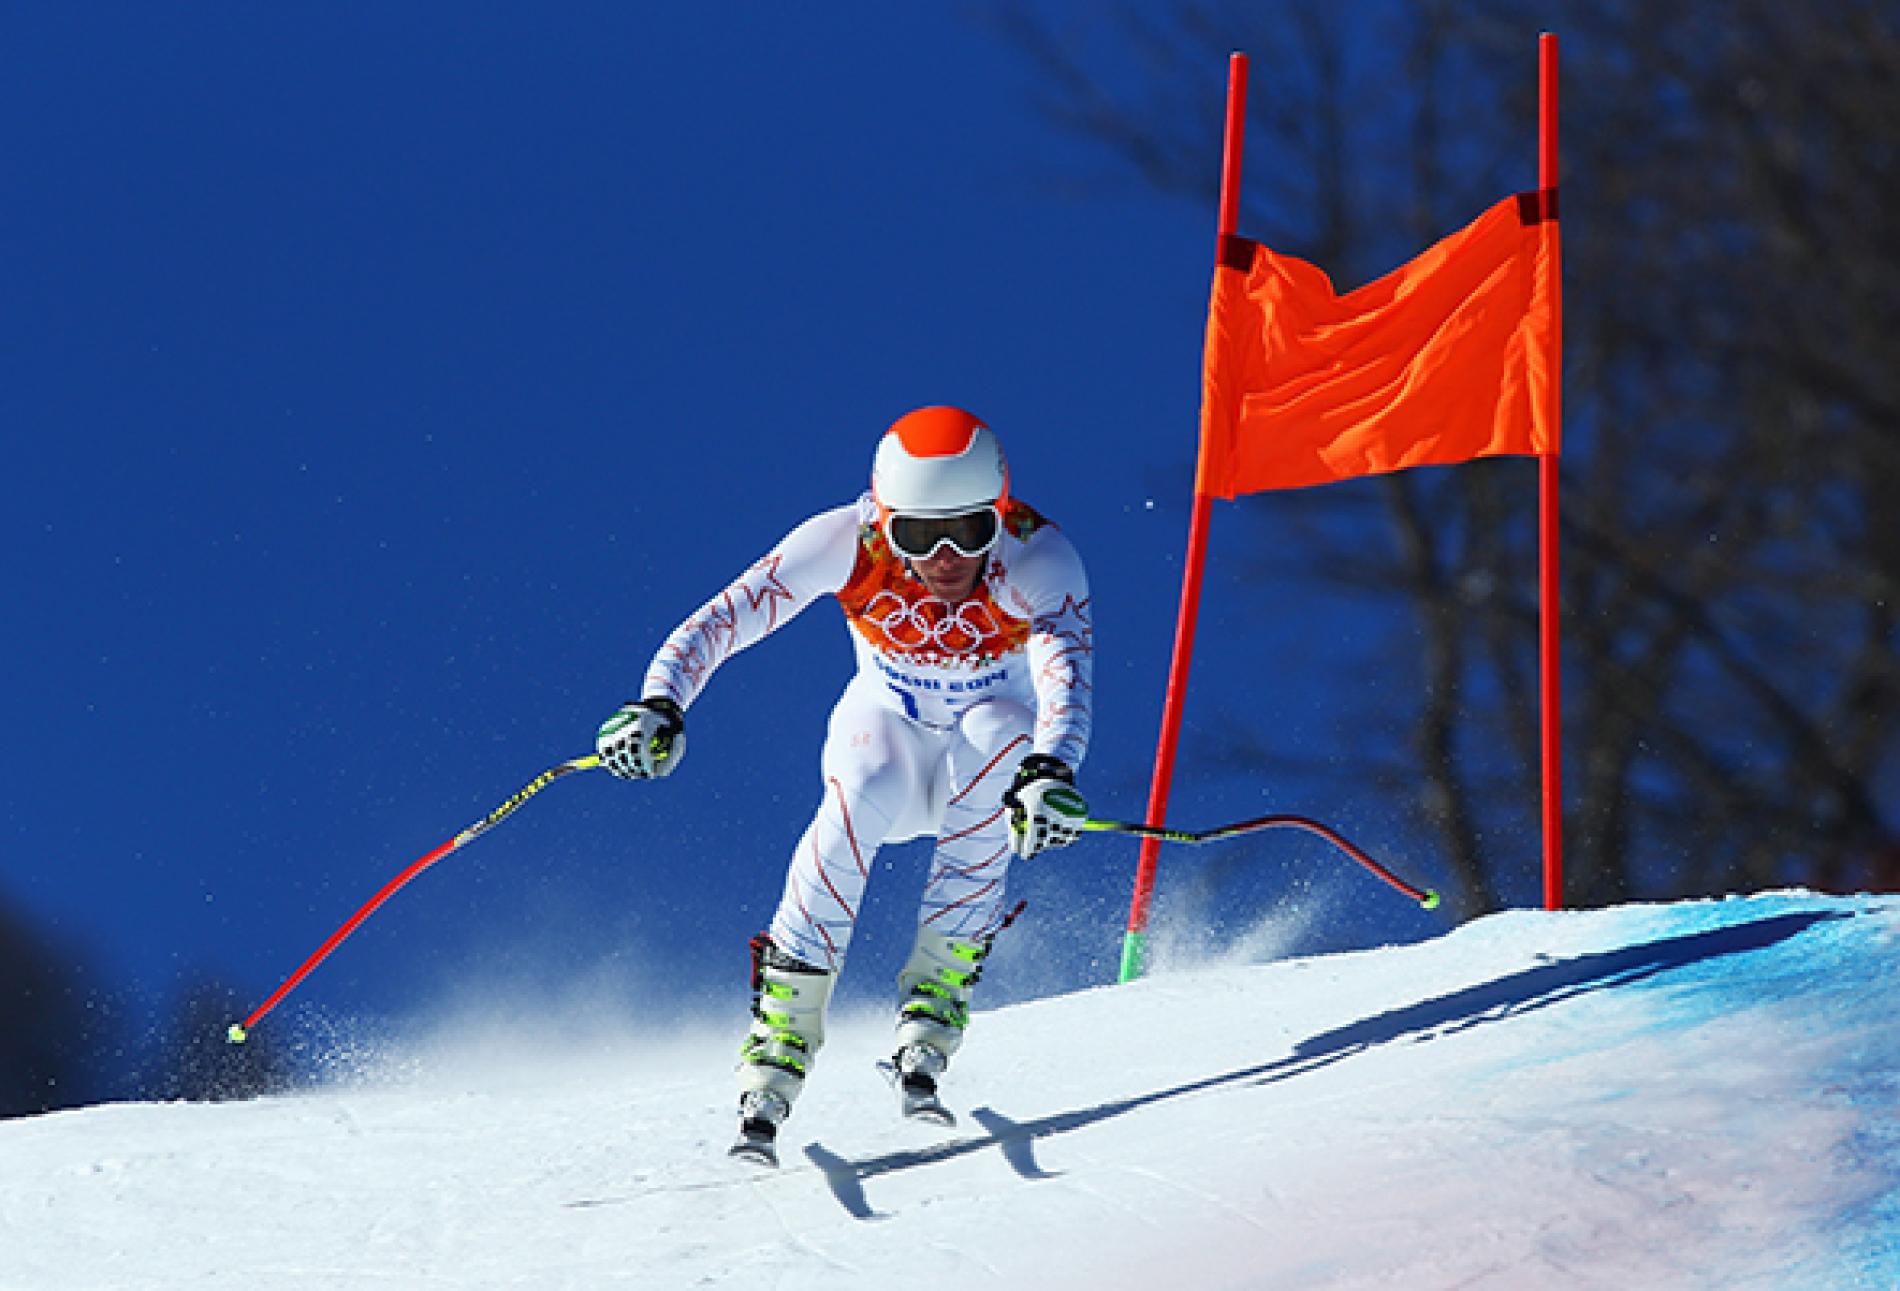 Vận động viên trượt truyết tranh tài tại Thế vận hội mùa đông Sochi 2014 ở Nga. Ảnh: National Geographic.